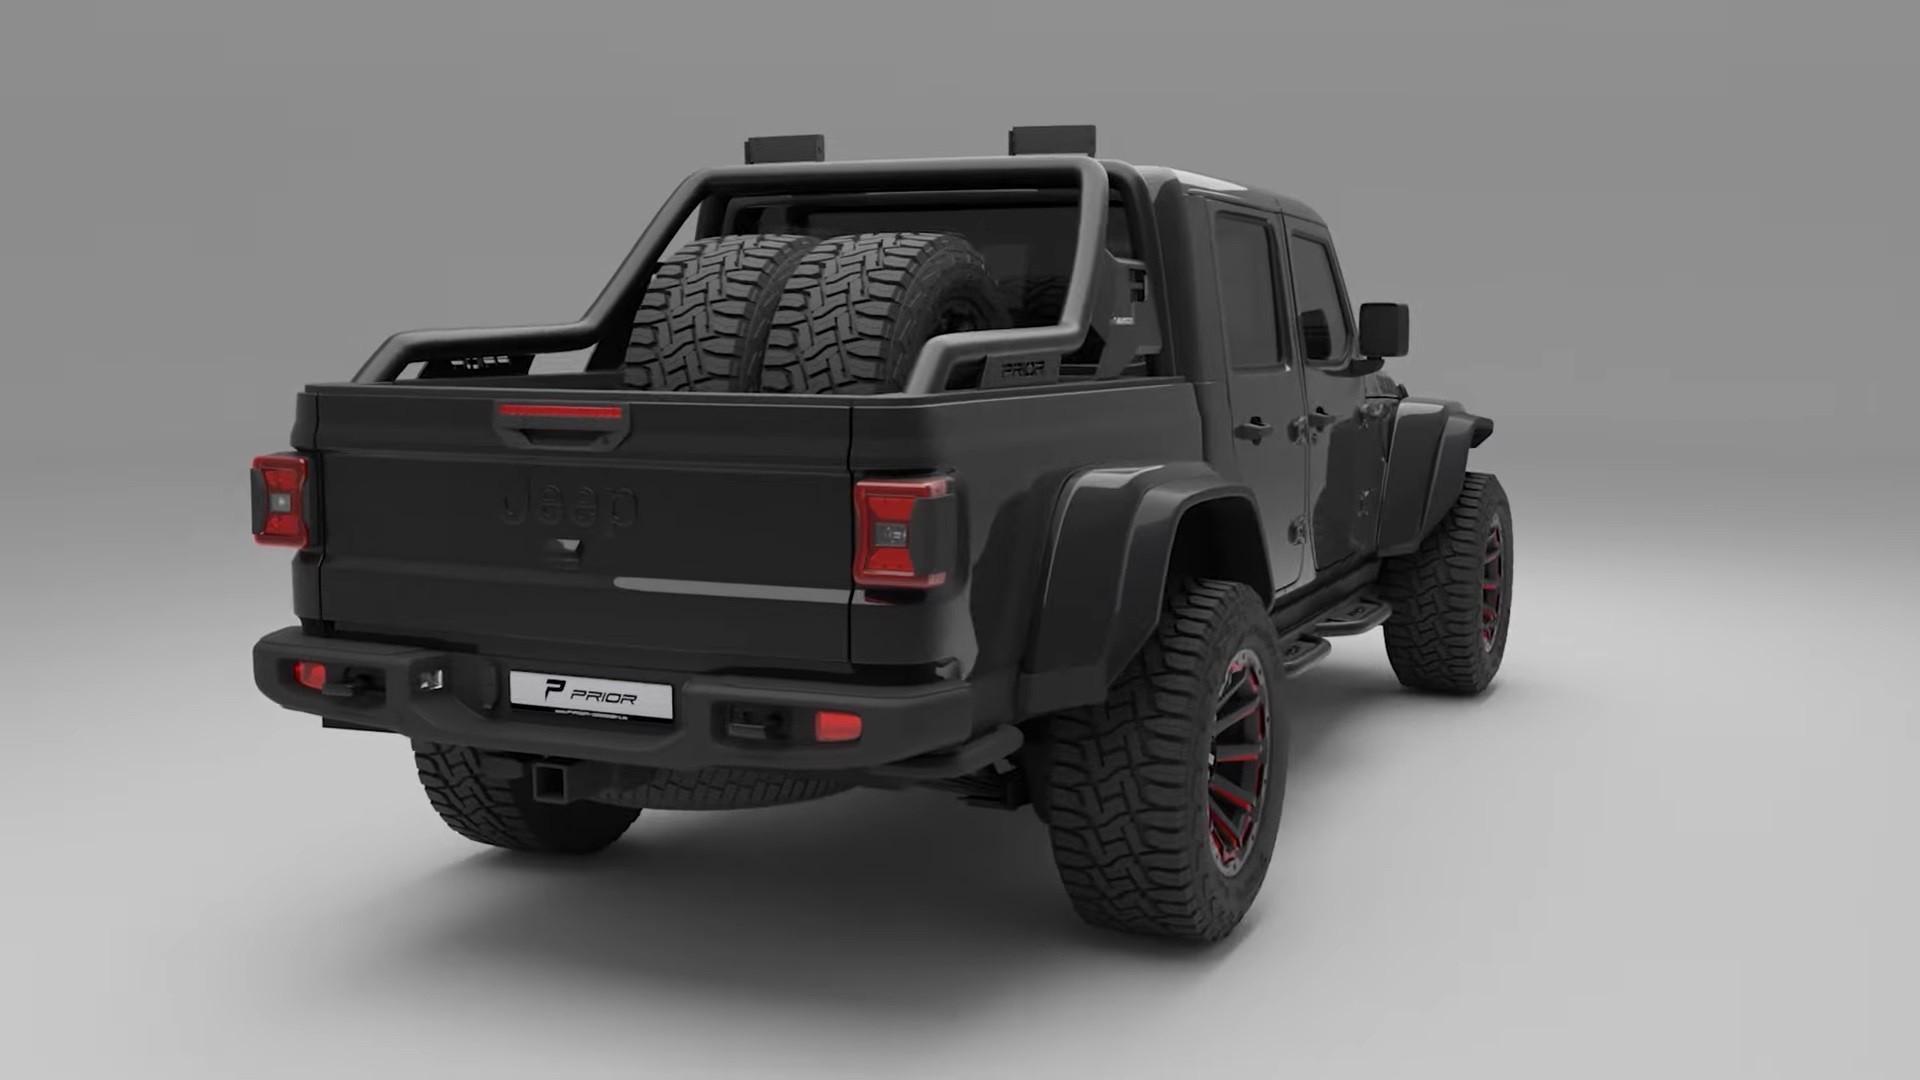 Jeep_Gladiator_Rubicon_by_Prior_Design-0012